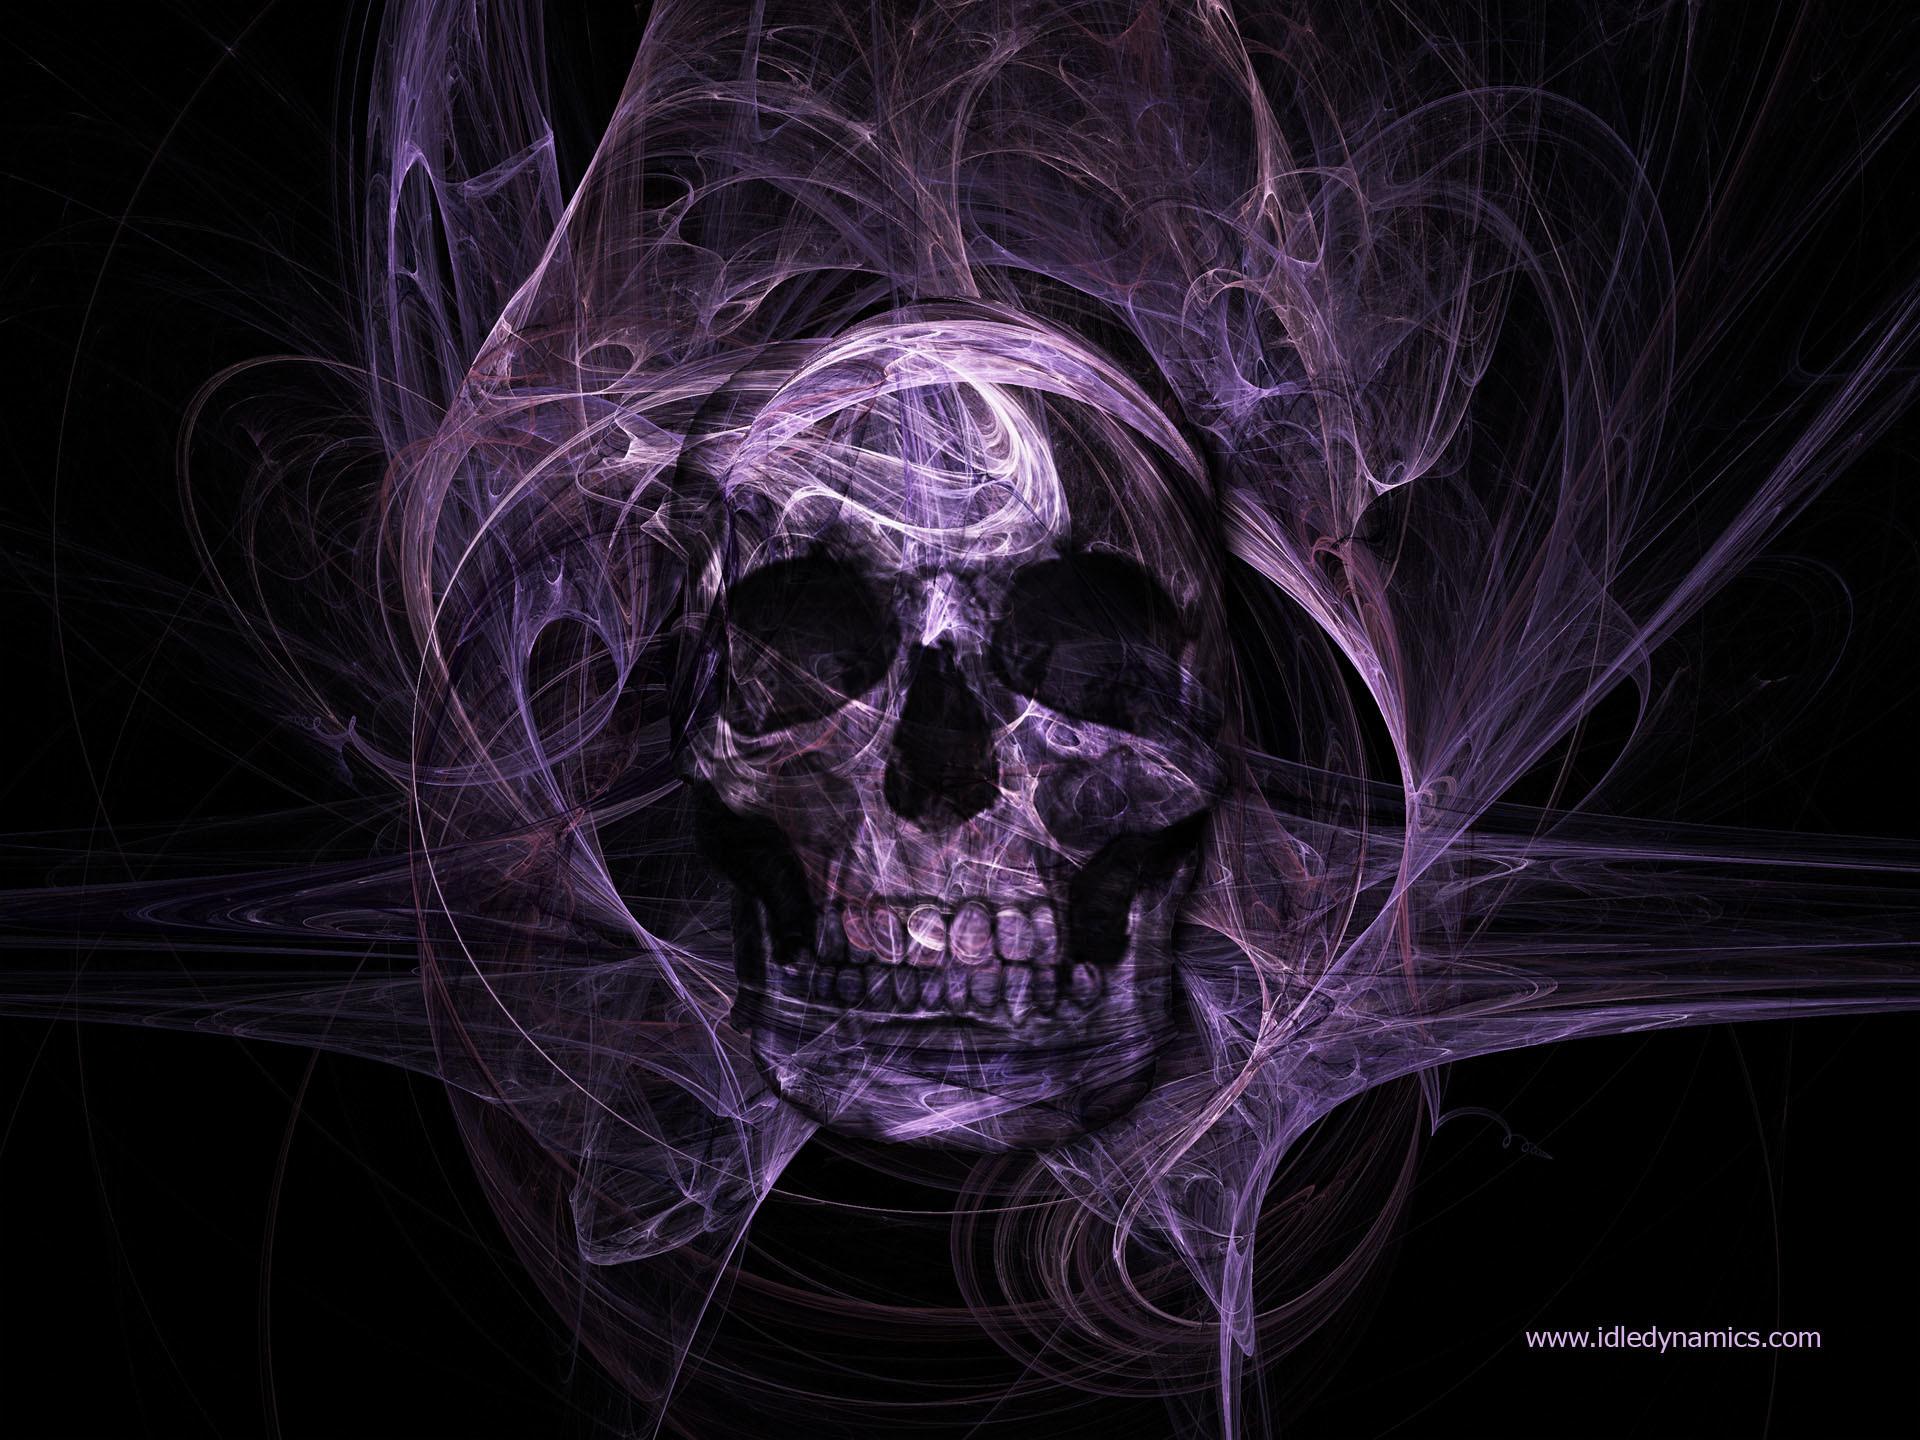 Evil skulls wallpaper 1920x1080 skeleton horror free abstractsdark tablet evil skull display occultdownload wallpaper hd voltagebd Gallery